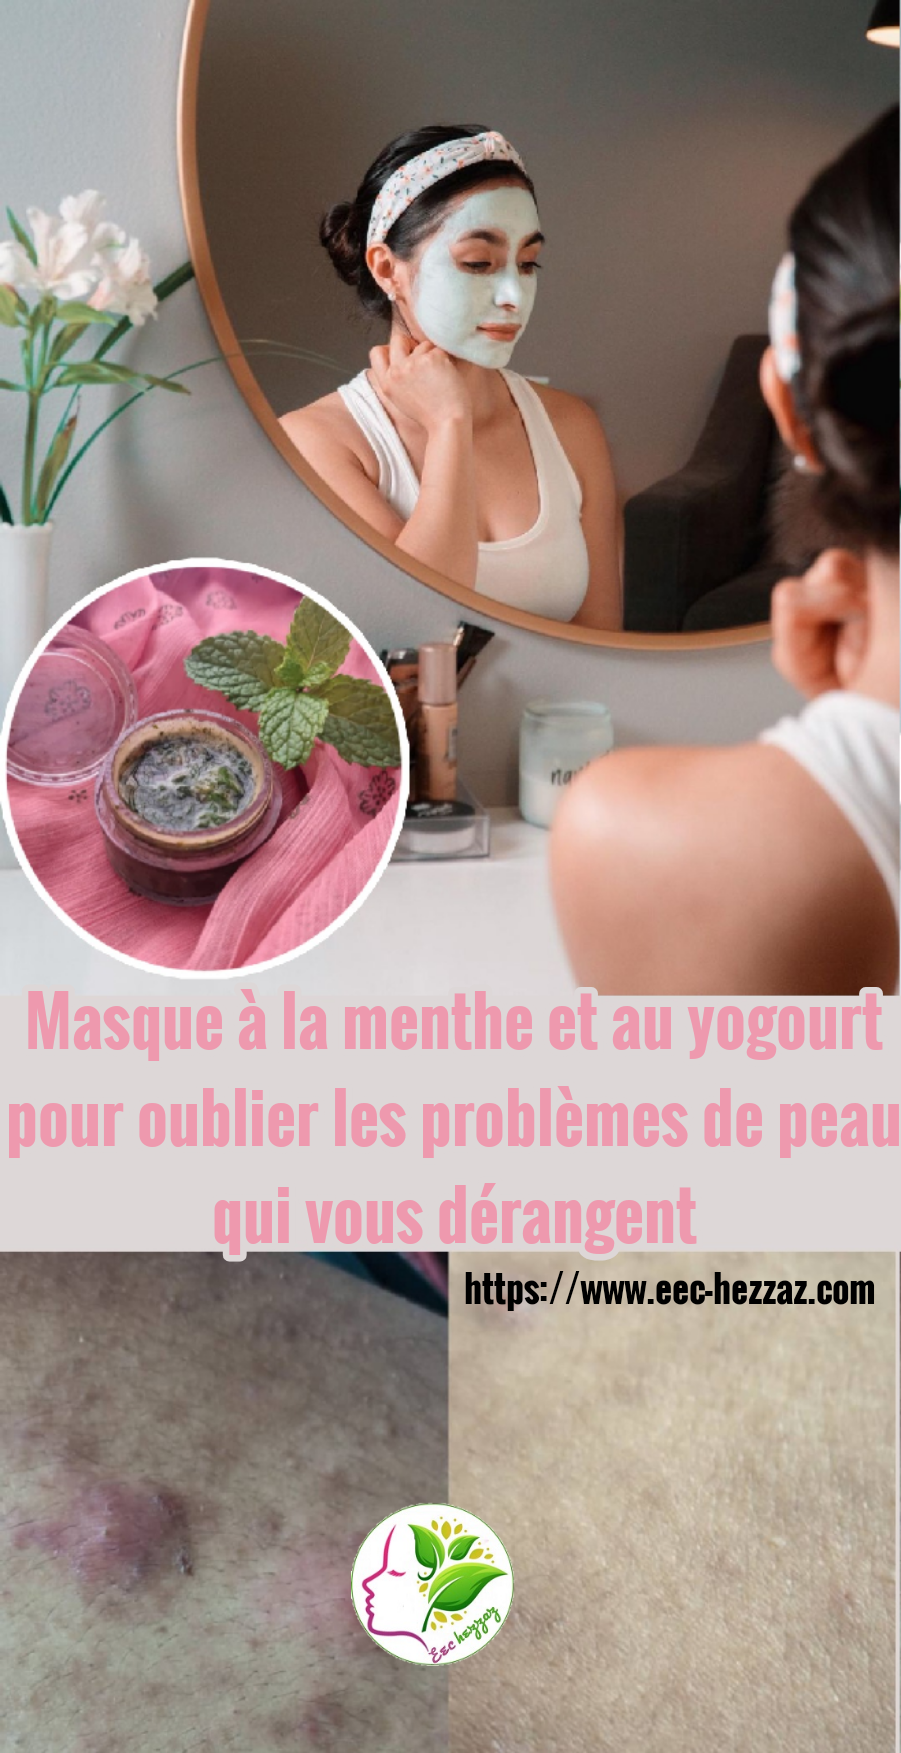 Masque à la menthe et au yogourt pour oublier les problèmes de peau qui vous dérangent